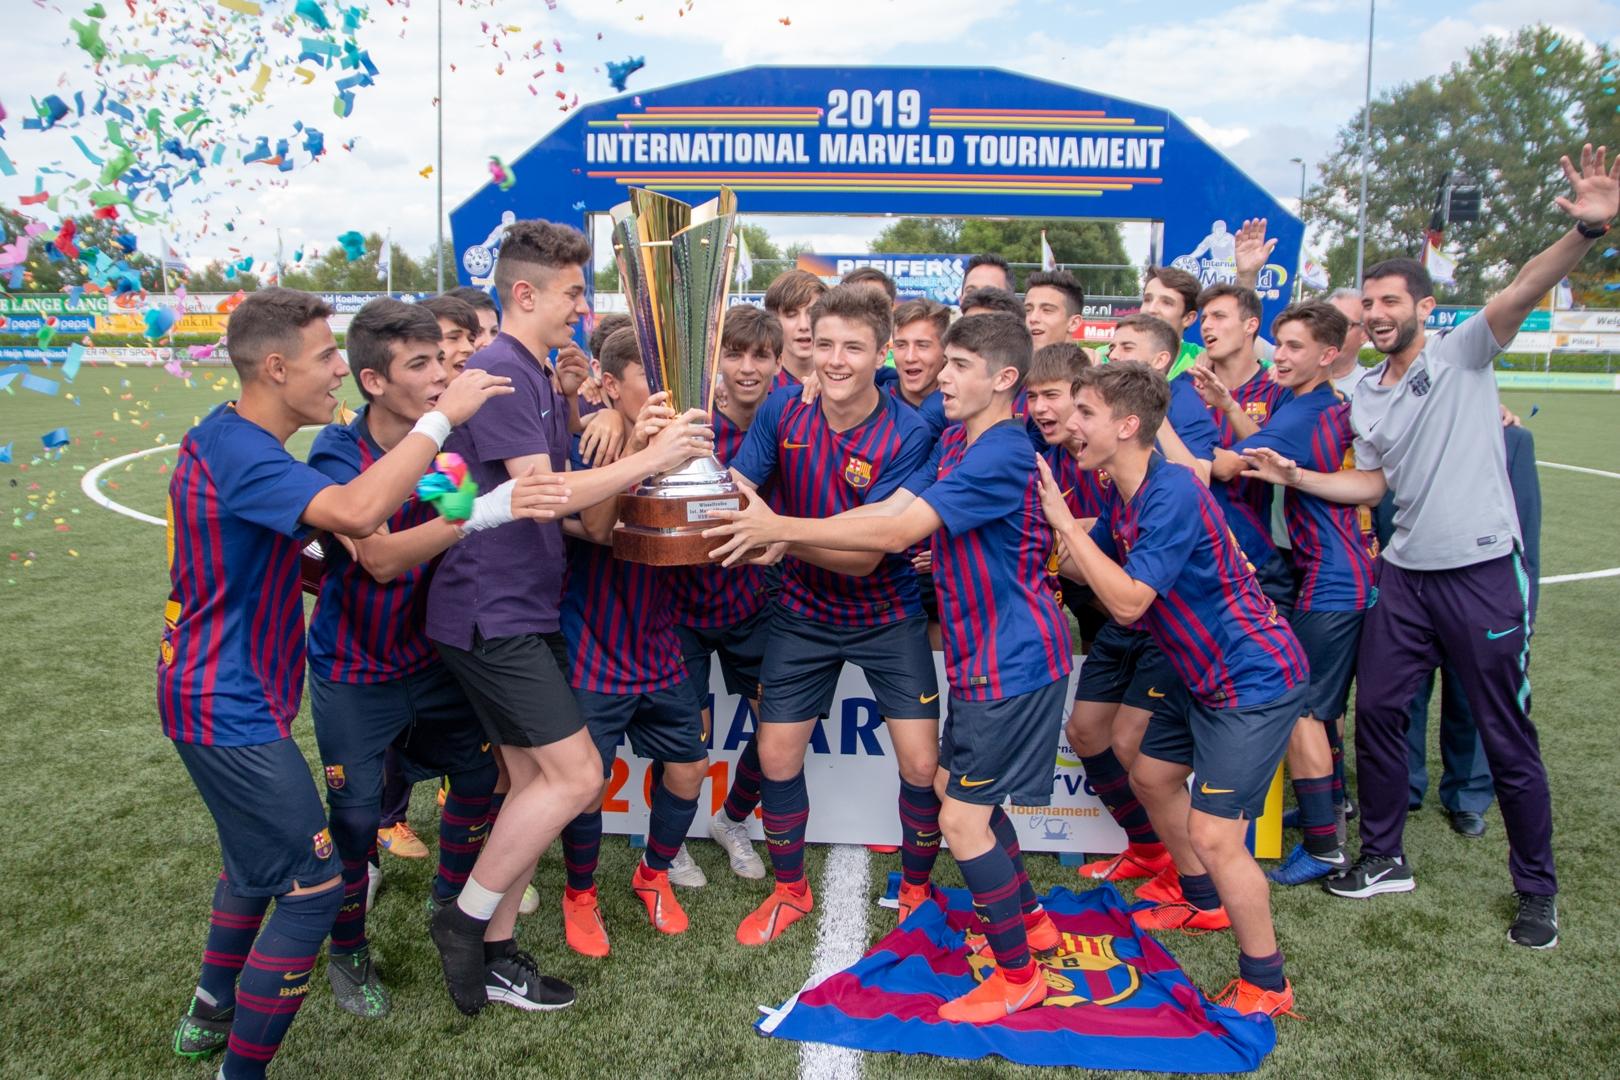 Marveld Tournament 2019 - Celebrations winner FC Barcelona